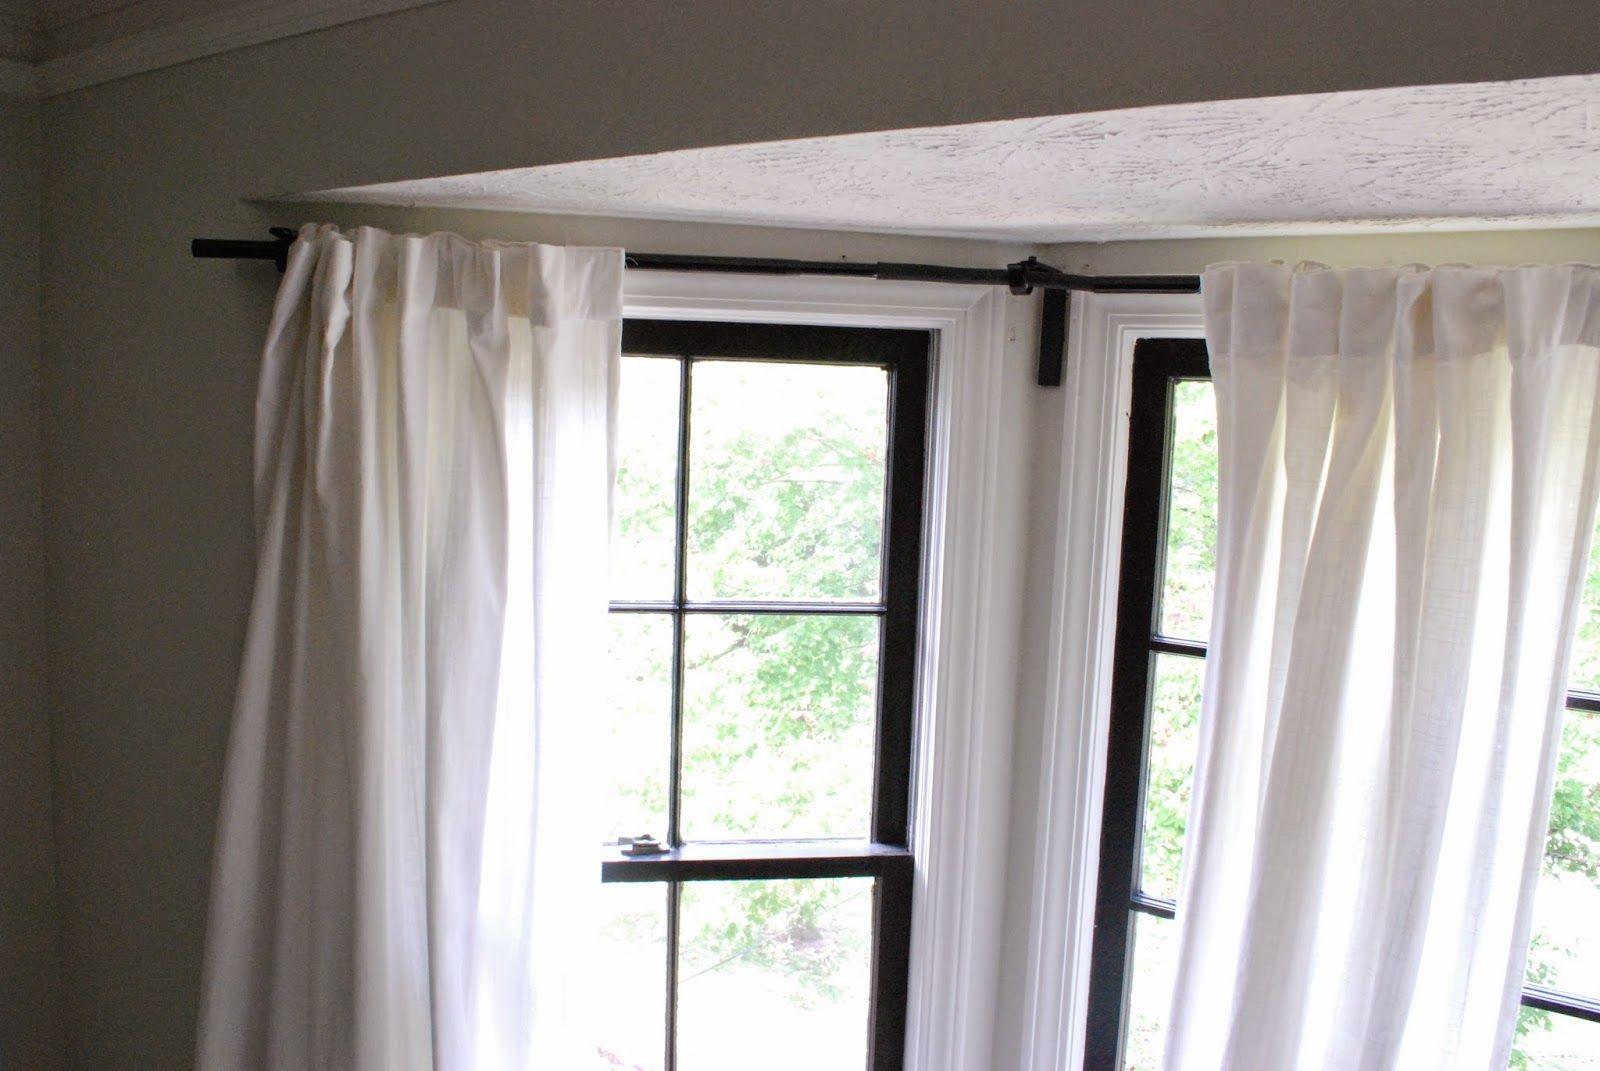 Type De Rideaux Pour Fenetre Cintrees bay window curtain rod | rideaux, chambre a coucher, chambre